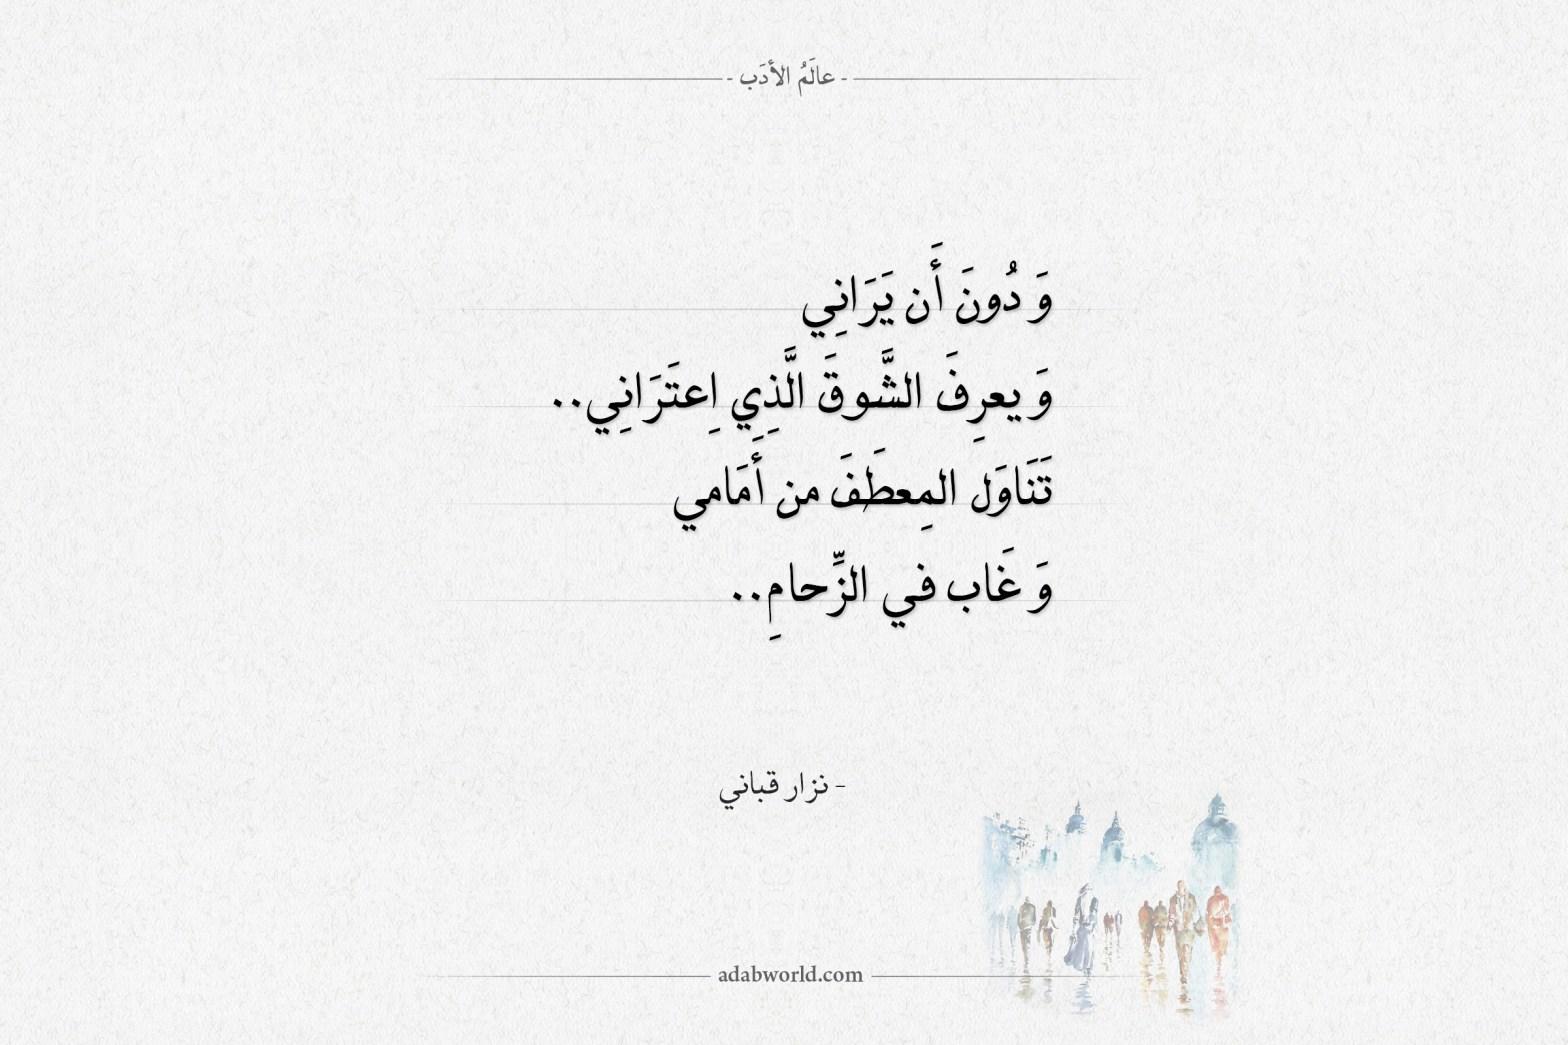 شعر نزار قباني مع جريدة